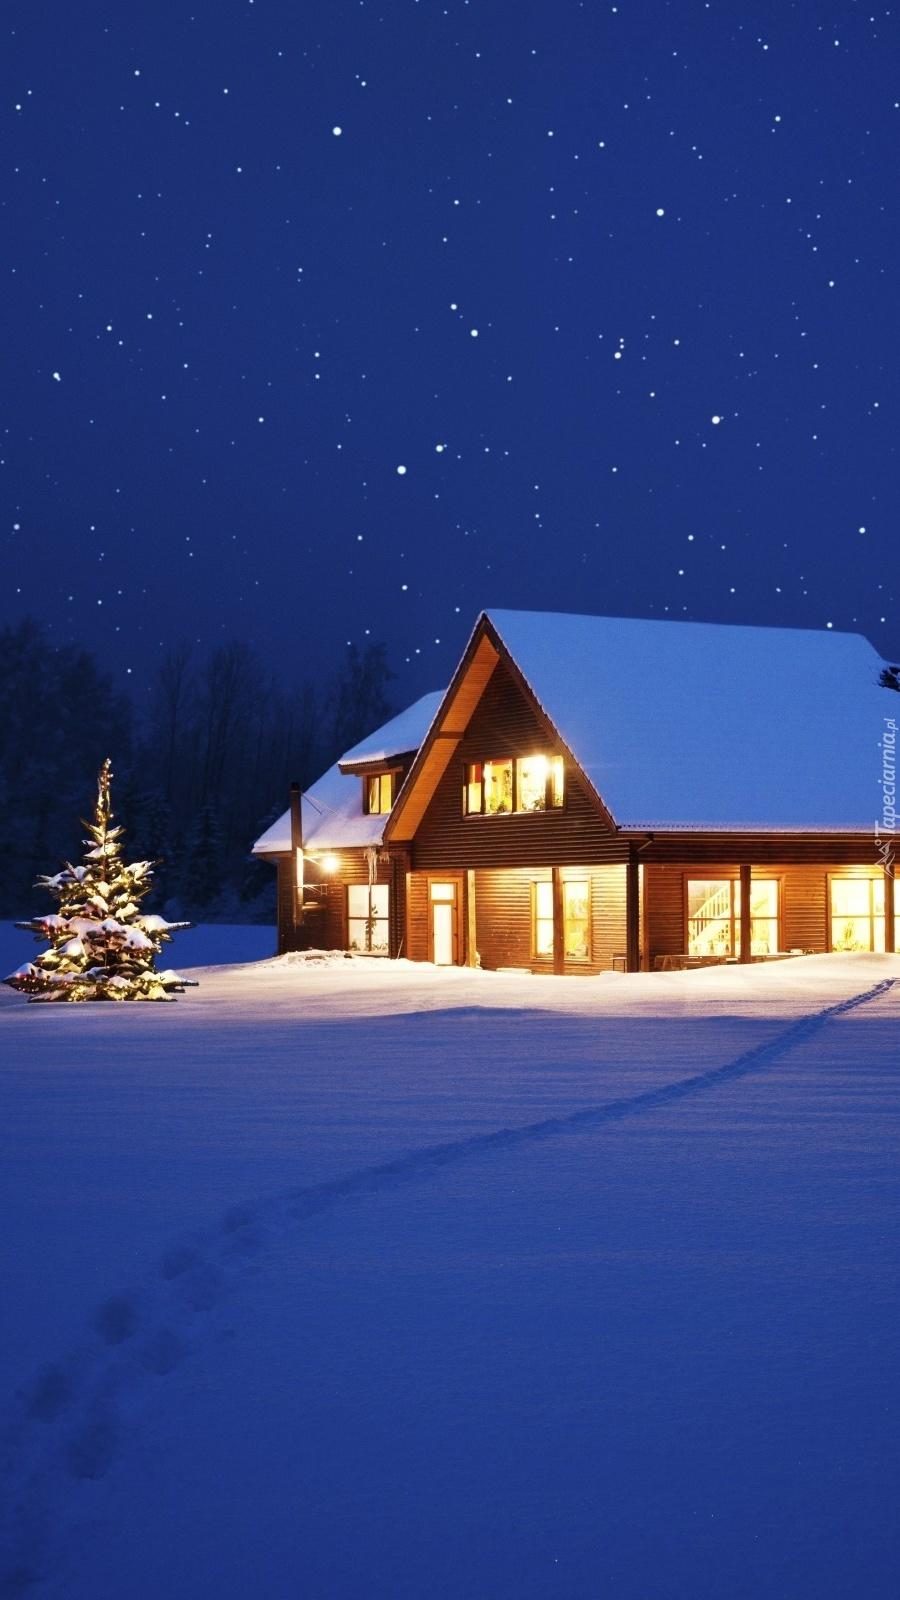 Dom pod gwiazdami